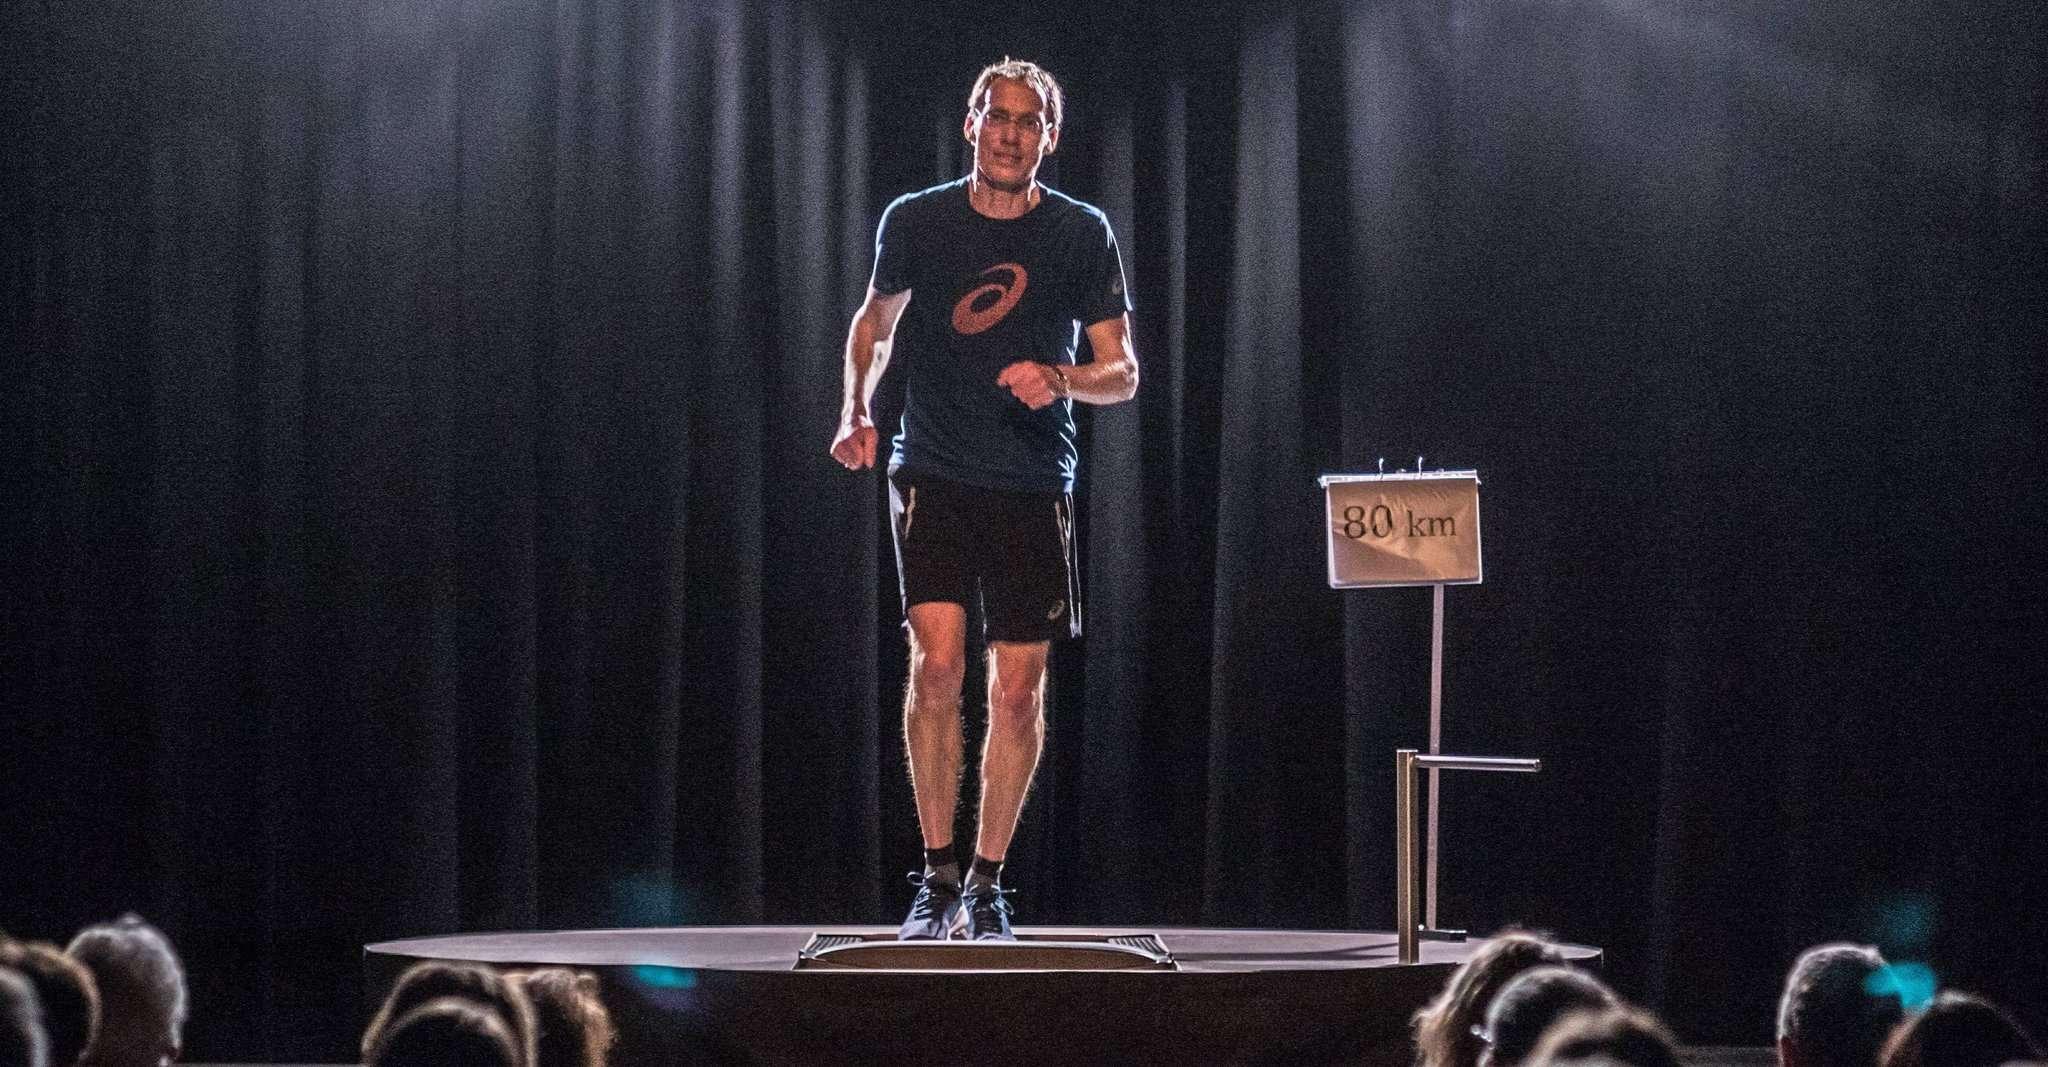 Ein Mann, ein Laufband, eine Bühne: Olympionike Dieter Baumann macht am 9. Februar Kabarett in Visselhövede.